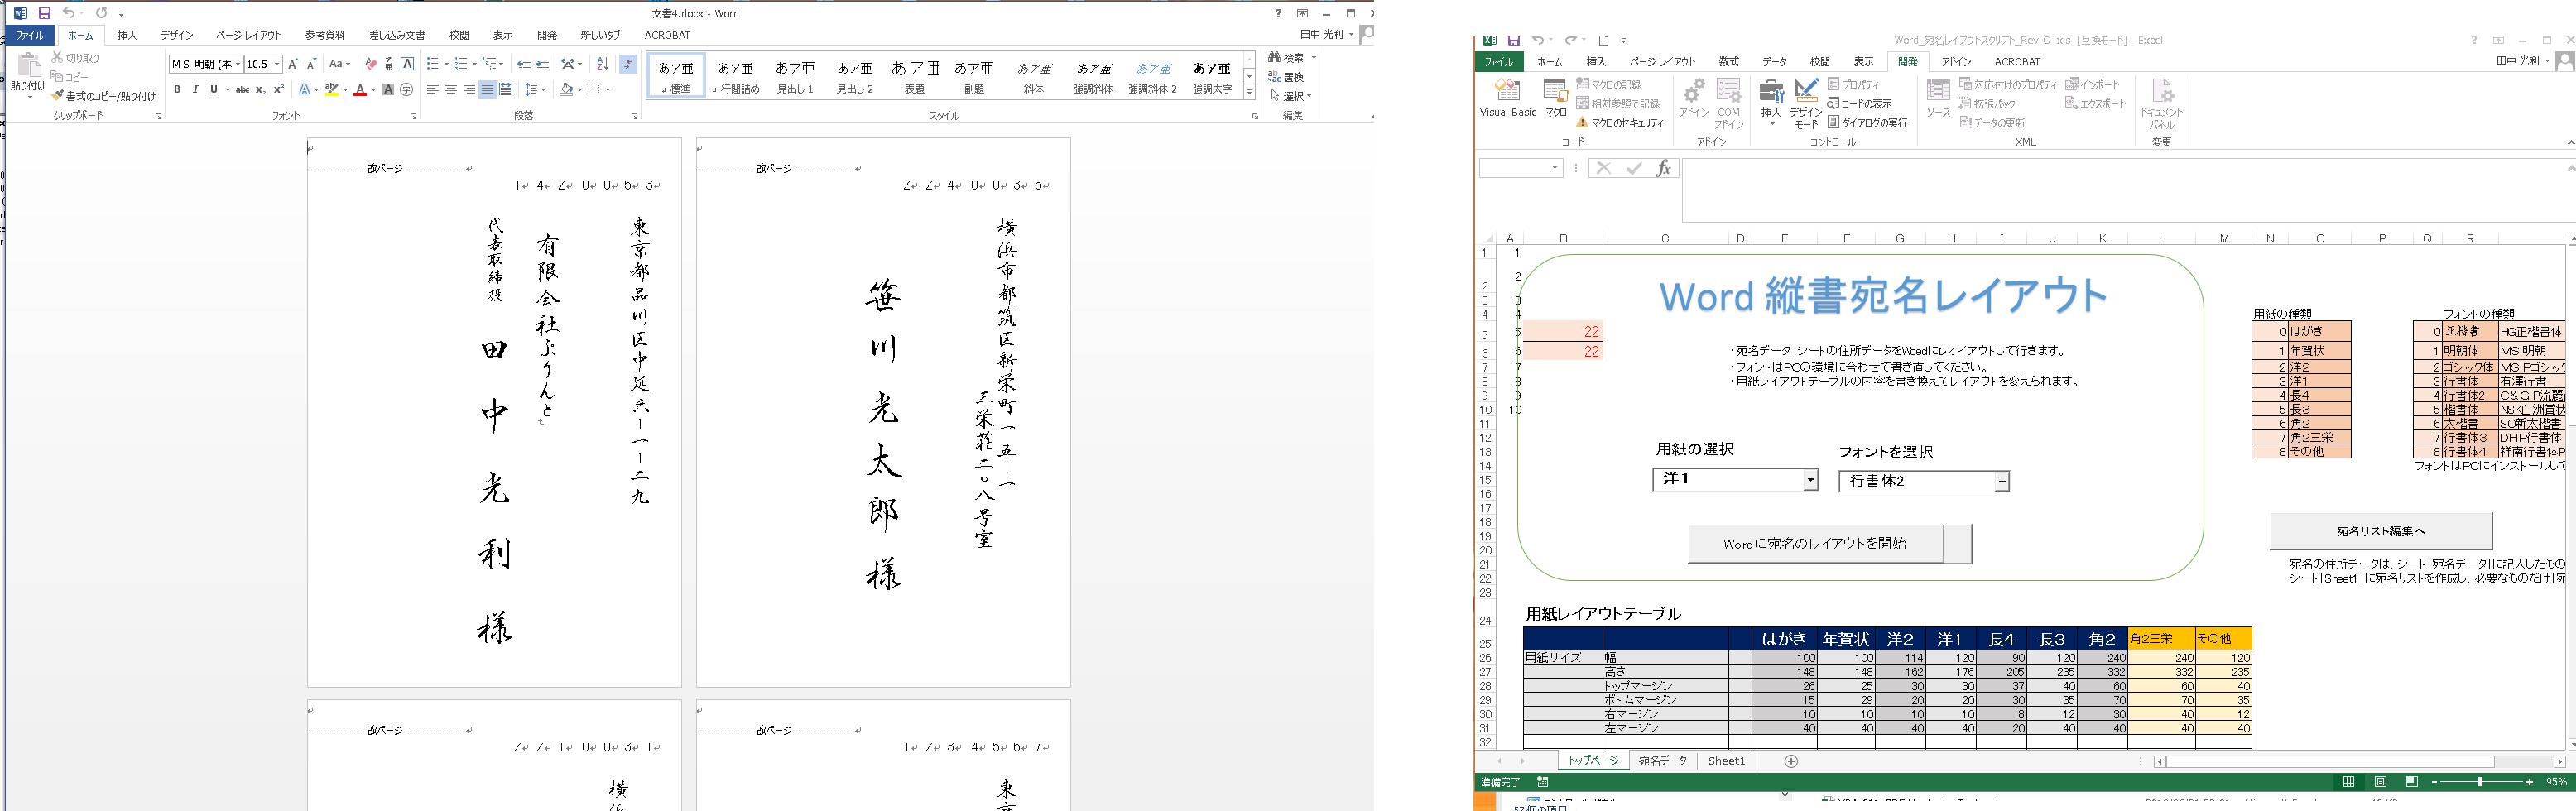 宛名レイアウトソフト  (2)ワードファイルのpdf書き出し不具合と言う問題